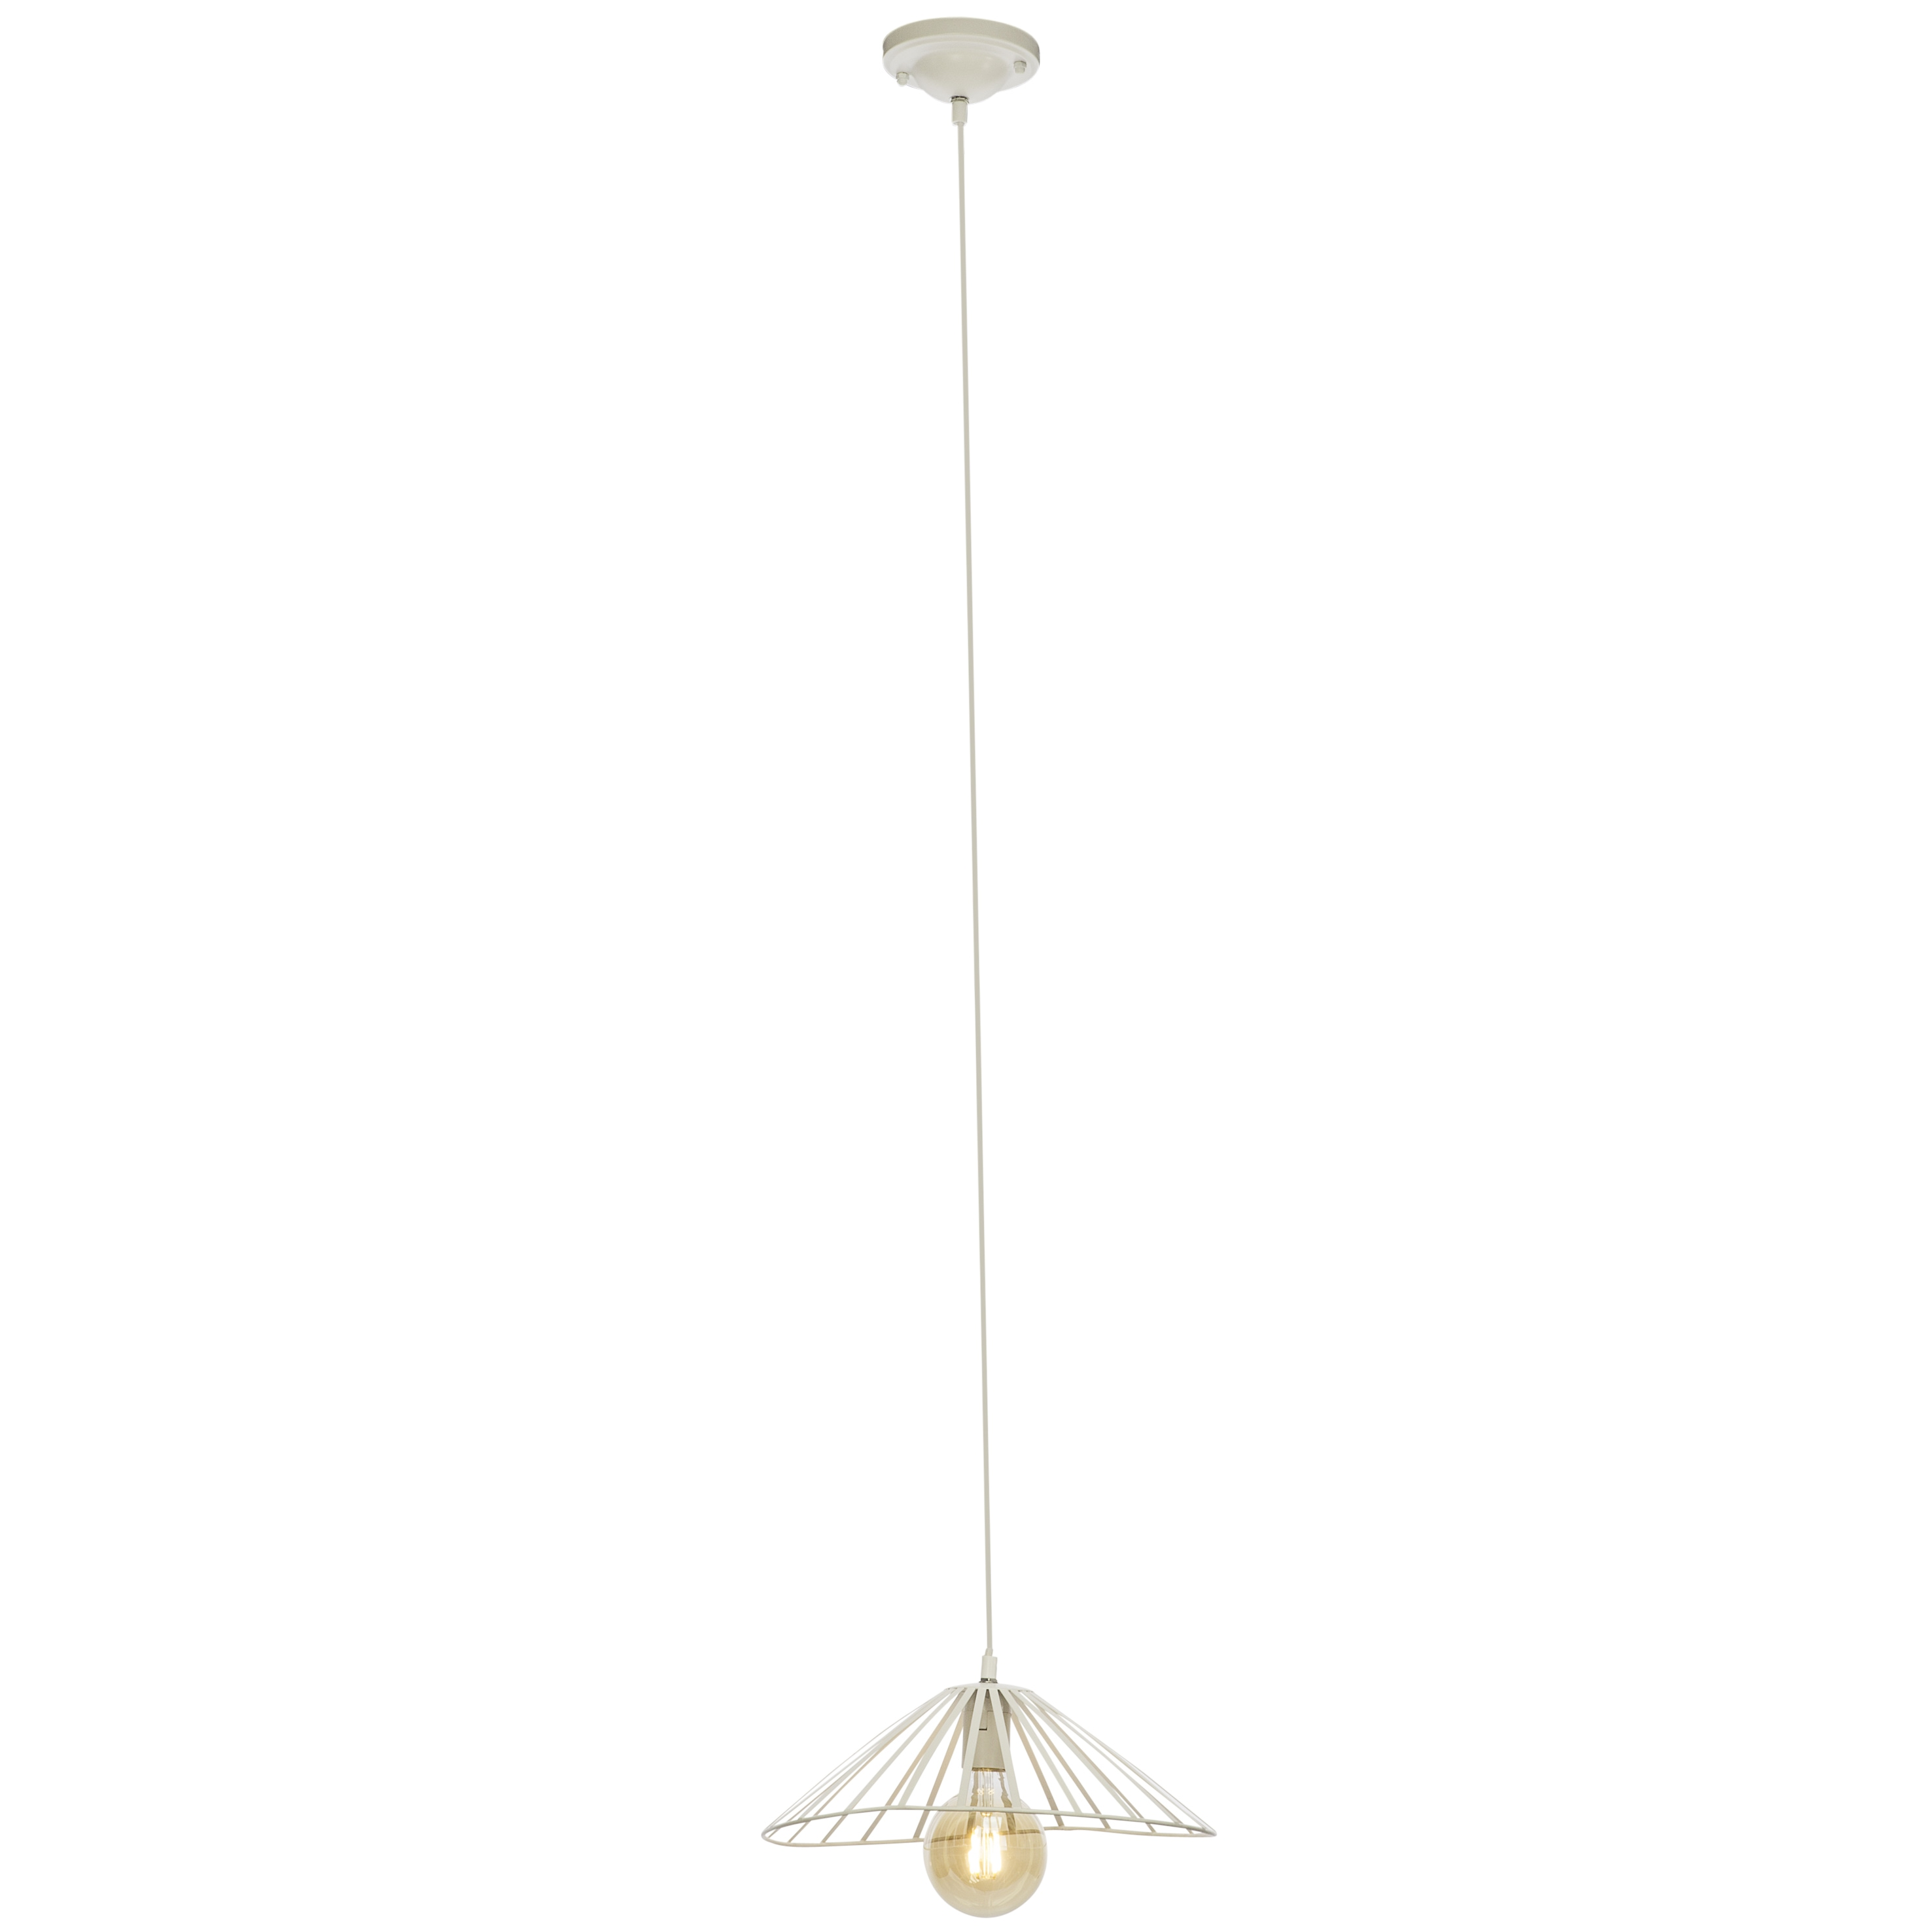 Brilliant Leuchten Akola Pendelleuchte 37cm weiß